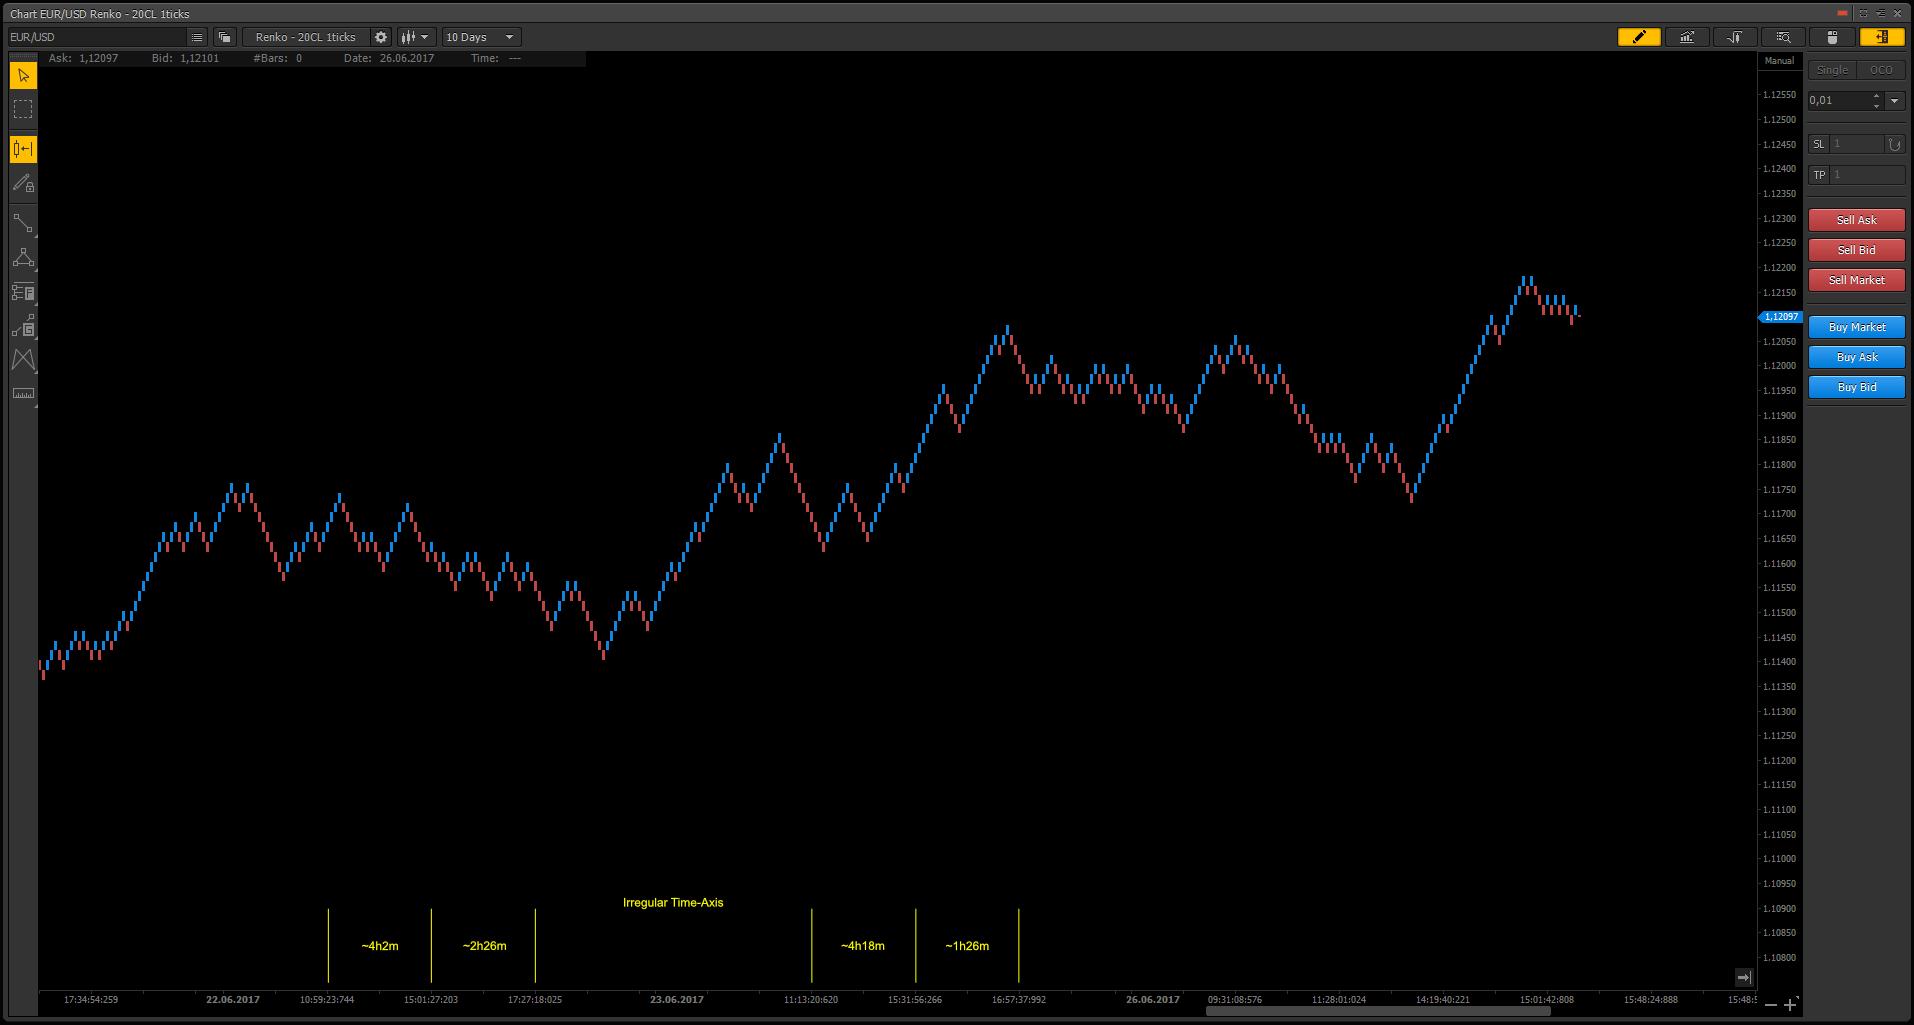 renko charts in PTMC platform